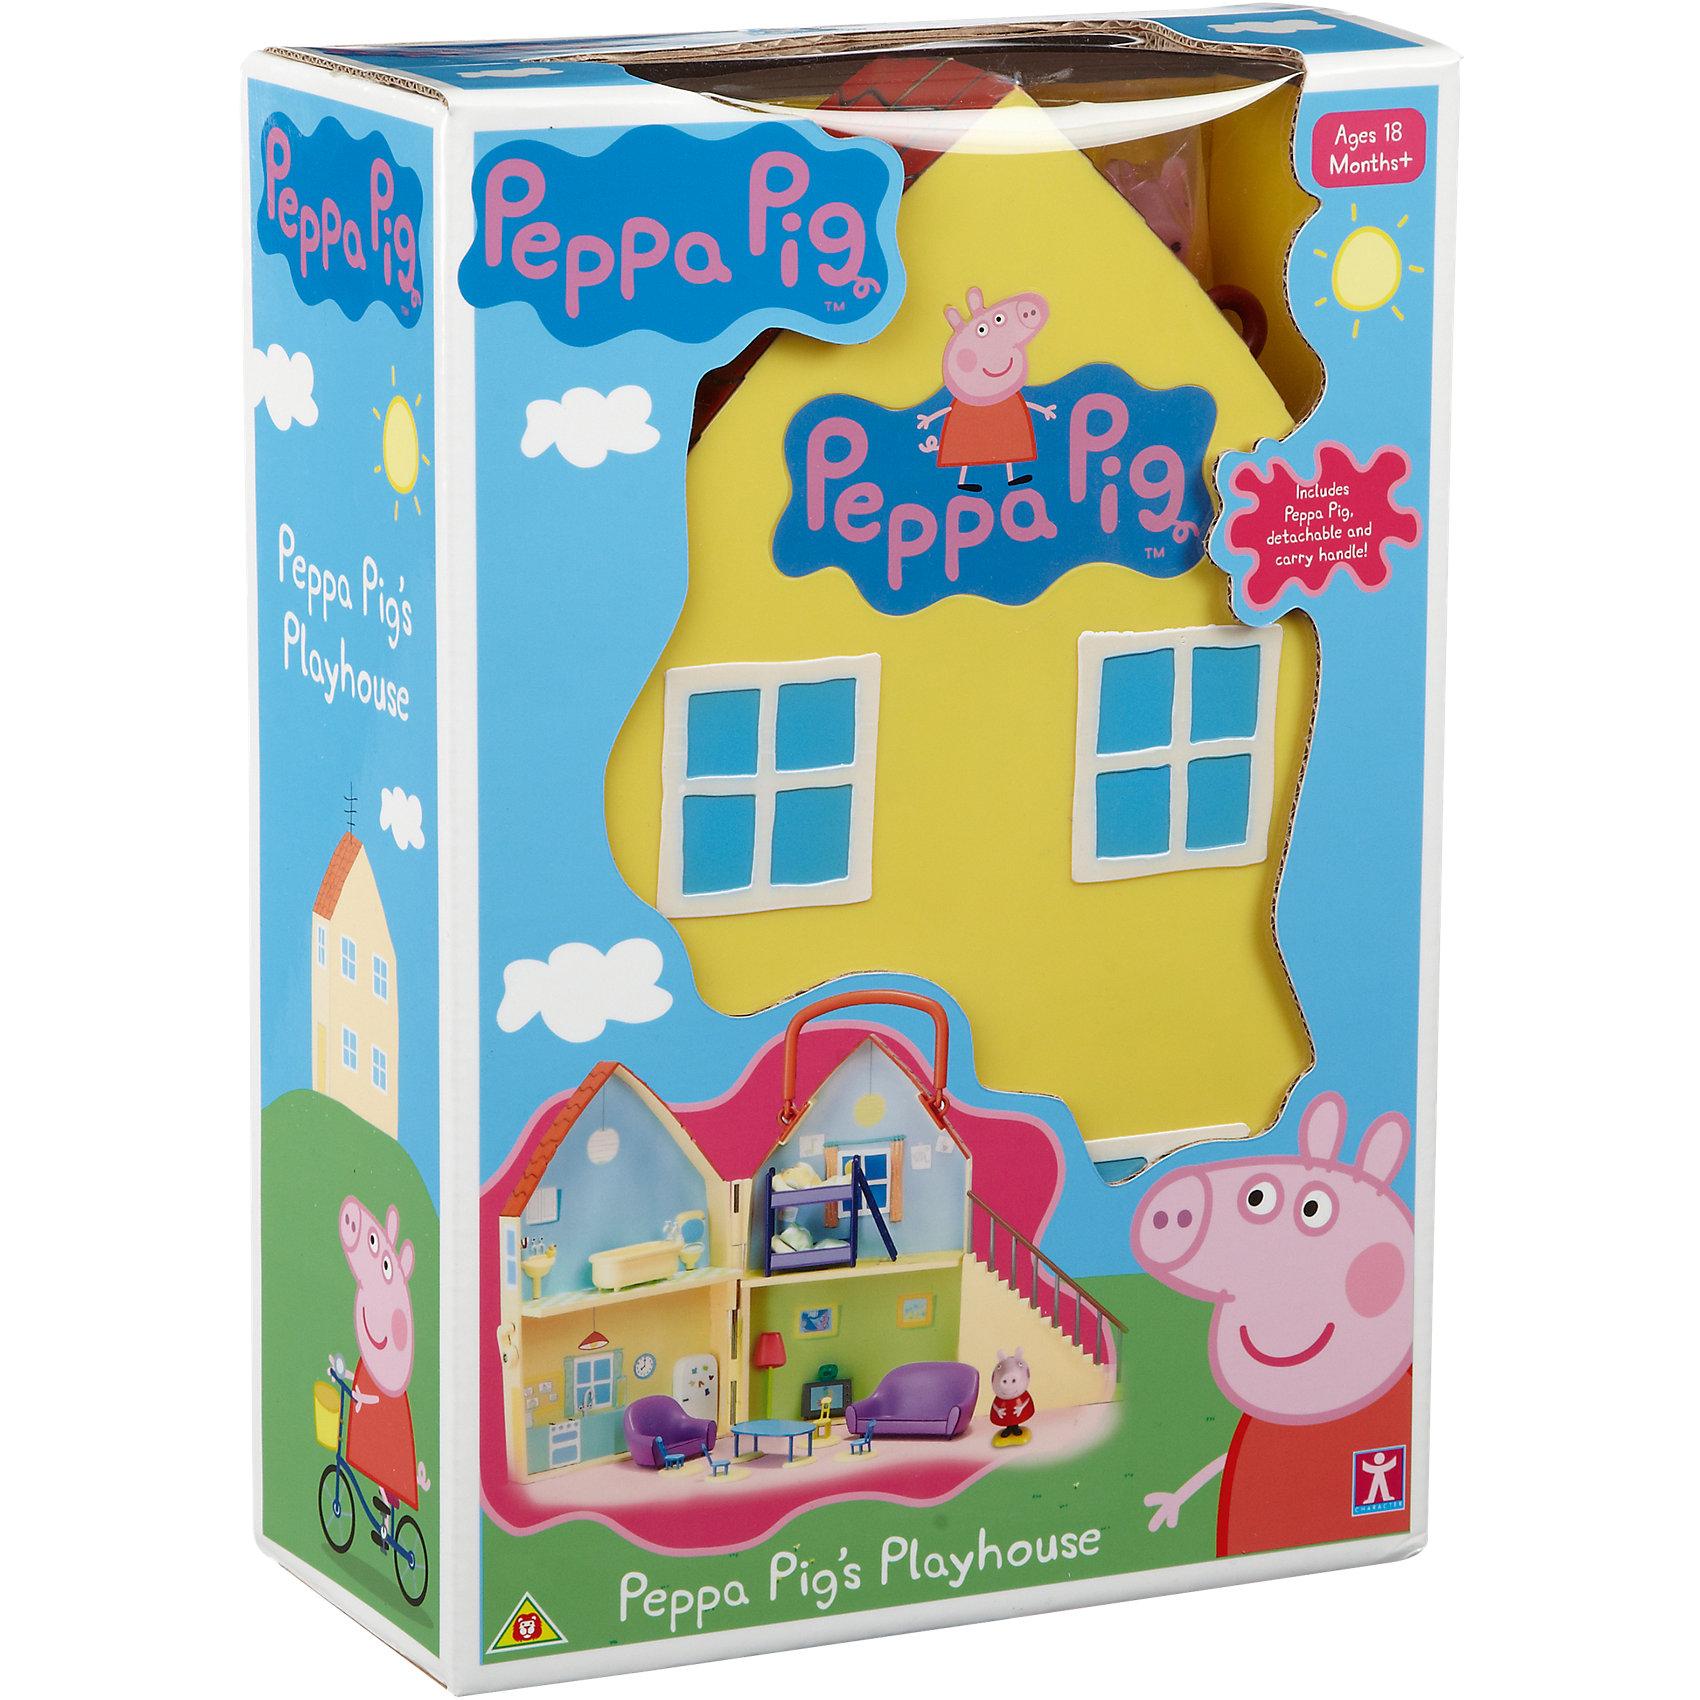 Игровой набор Дом Пеппы, Свинка ПеппаИгровой  набор Дом Пеппы, Свинка Пеппа<br><br>Коллекция игрушек Peppa Pig создана на основе мультипликационного фильма про веселые приключения Свинки  Пеппы и ее семьи и друзей.<br><br>В наборе: <br>- фигурка Пеппы, <br>- домик,<br>- 4 стула, <br>- овальный стол,<br>- ванна и кровать,<br>- телевизор, кресло, диван.<br><br> Упаковка - коробка.<br><br>Игровой  набор Дом Пеппы, Свинка Пеппа можно купить в нашем интернет - магазине.<br><br>Ширина мм: 323<br>Глубина мм: 225<br>Высота мм: 106<br>Вес г: 947<br>Возраст от месяцев: 36<br>Возраст до месяцев: 60<br>Пол: Женский<br>Возраст: Детский<br>SKU: 3458421